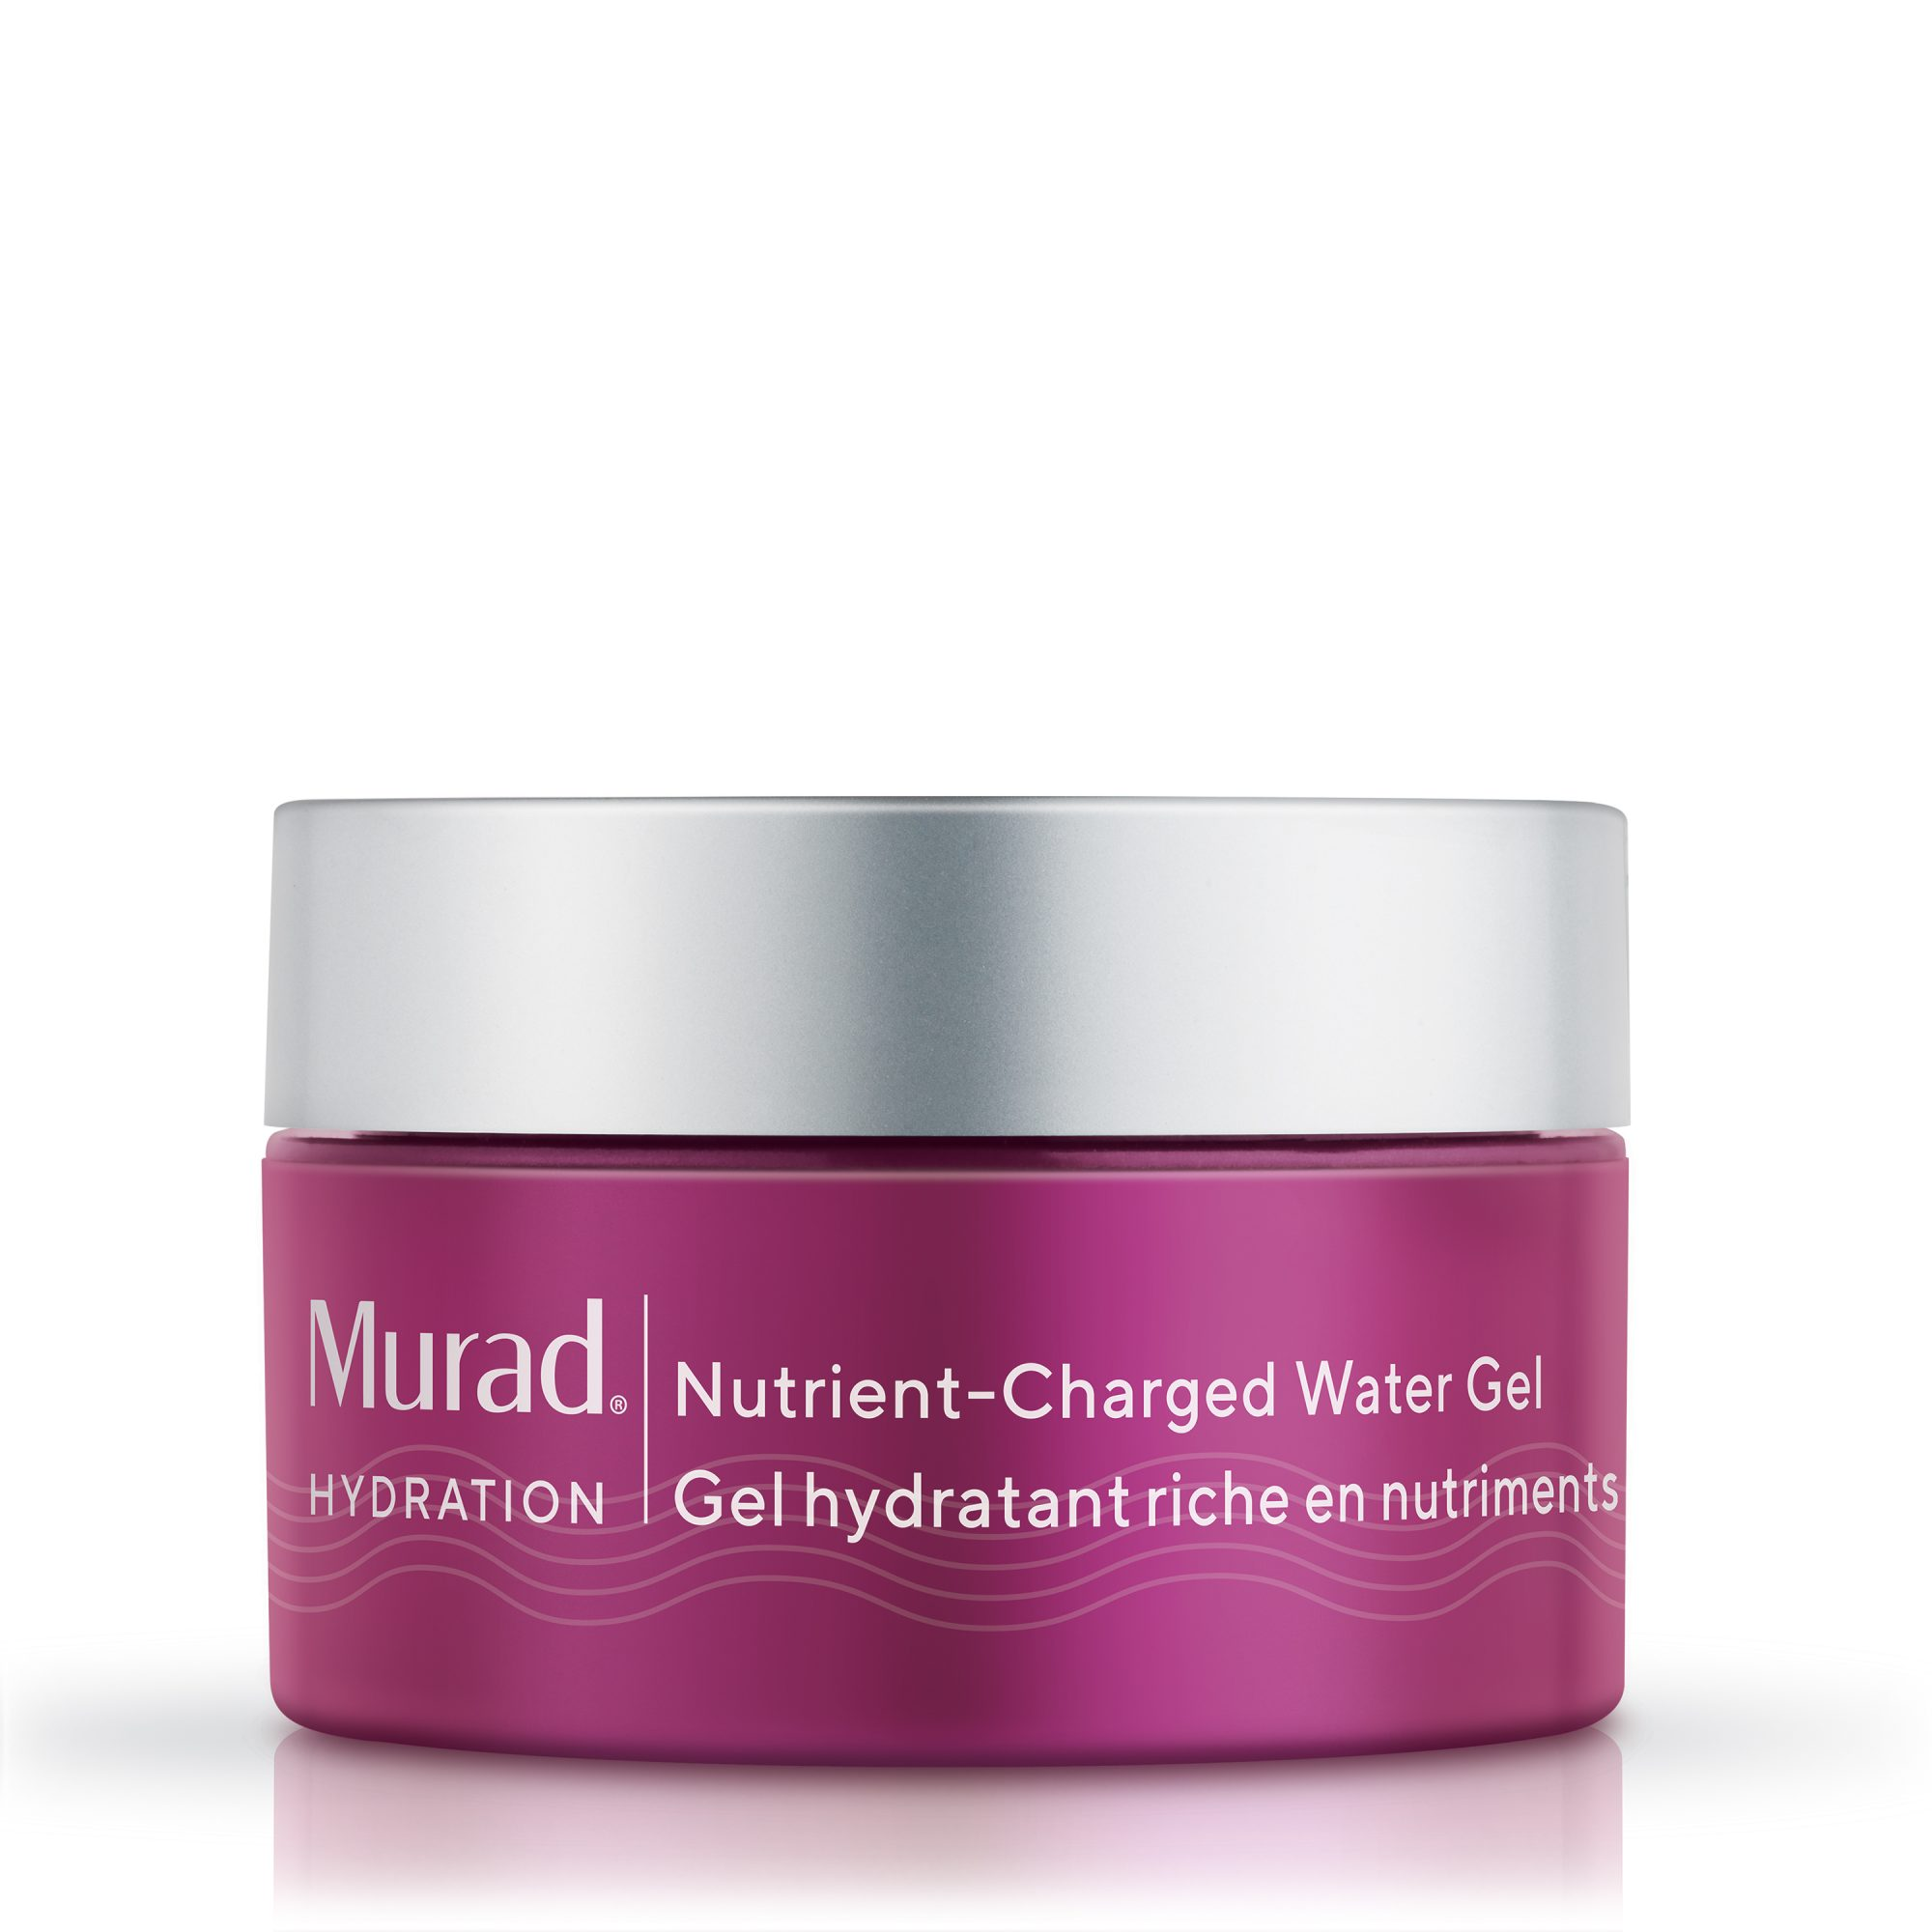 hyd_nutrient_charged_water_gel_.5oz_gbl_3000x3000_300dpi-1.jpg